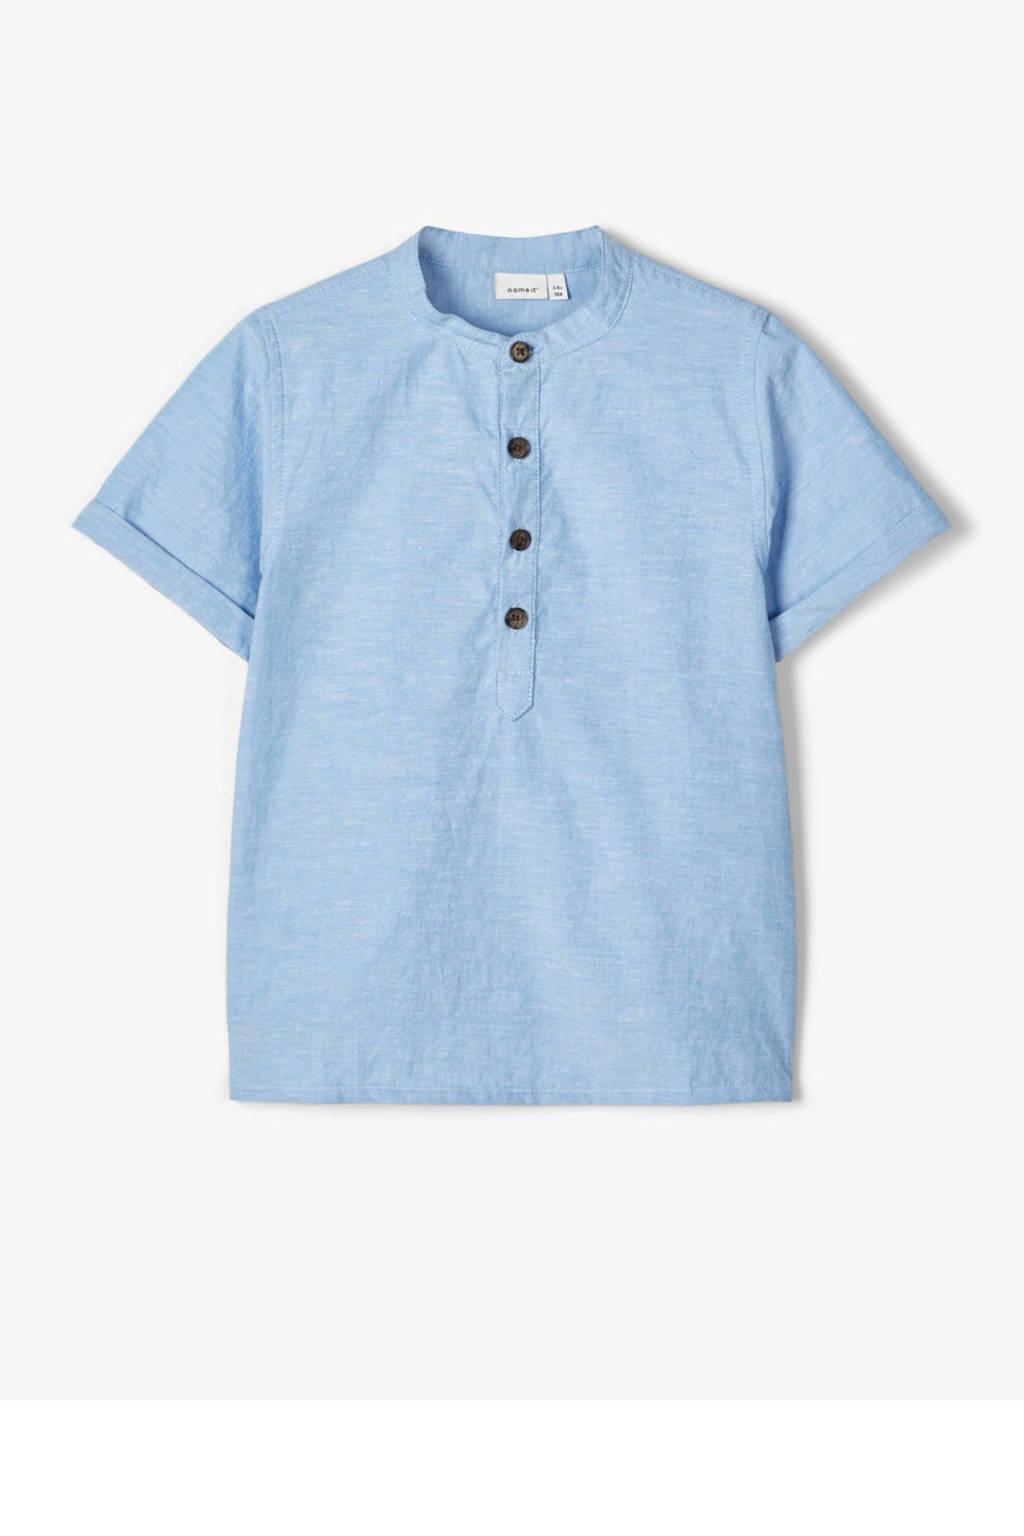 NAME IT MINI baby gemêleerd T-shirt Frederik met biologisch katoen blauw, Blauw